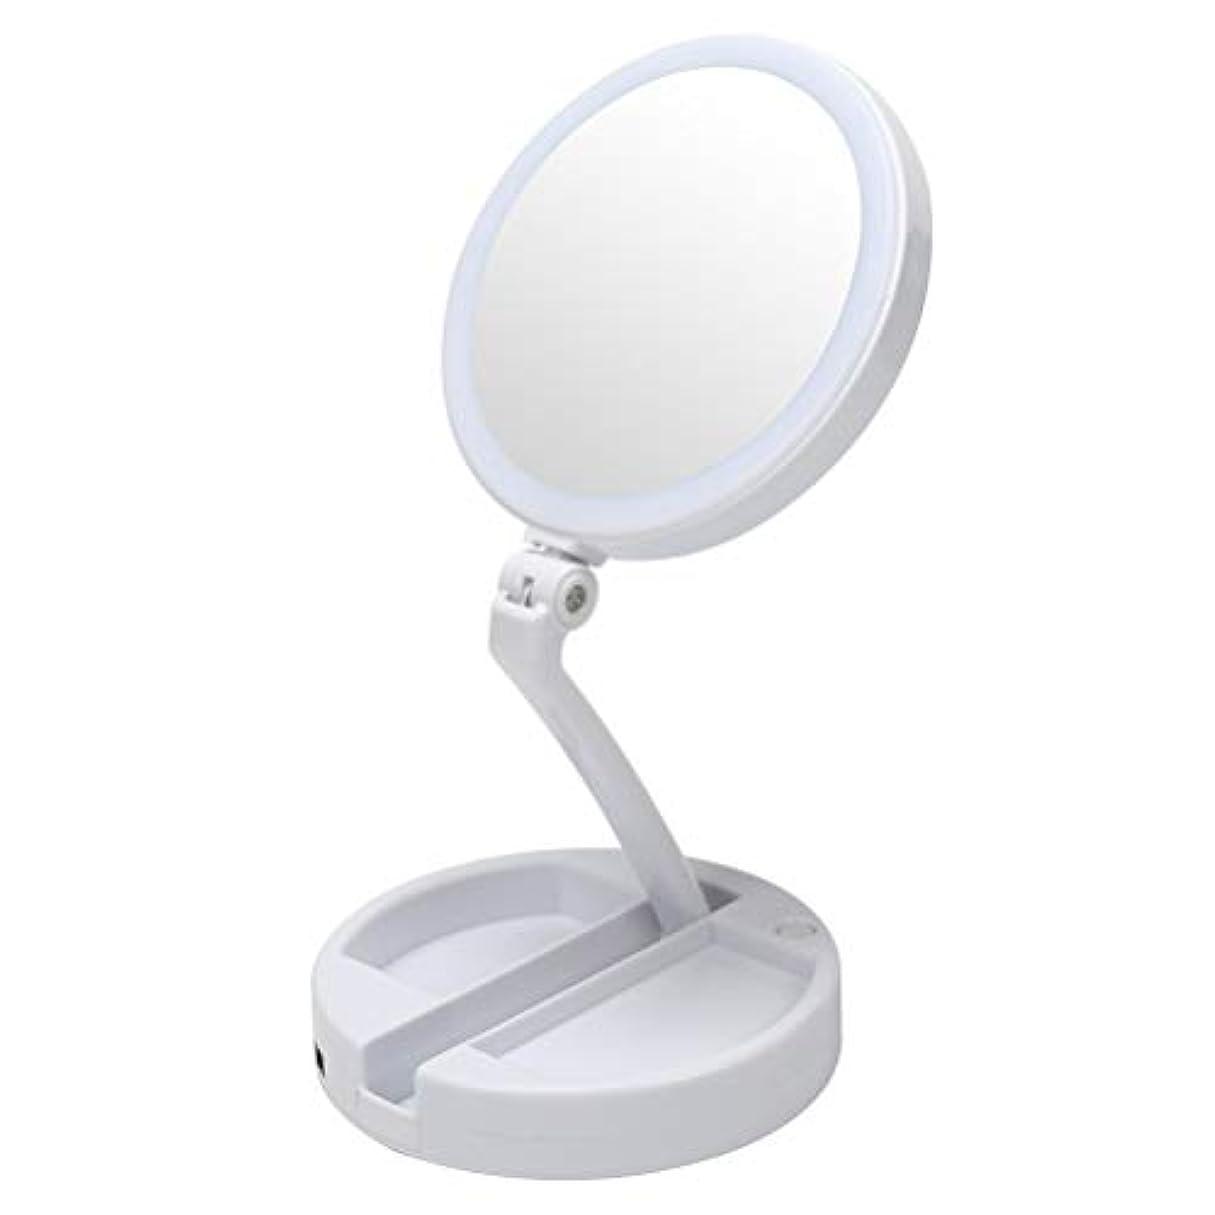 拒絶夜間有効化化粧鏡 LEDライト付き 等倍と10倍の拡大鏡付き 折りたたみ式 電池&USB充電 角度調節が可能 無段階調光 コンパクト 卓上ミラー 小物置き付き